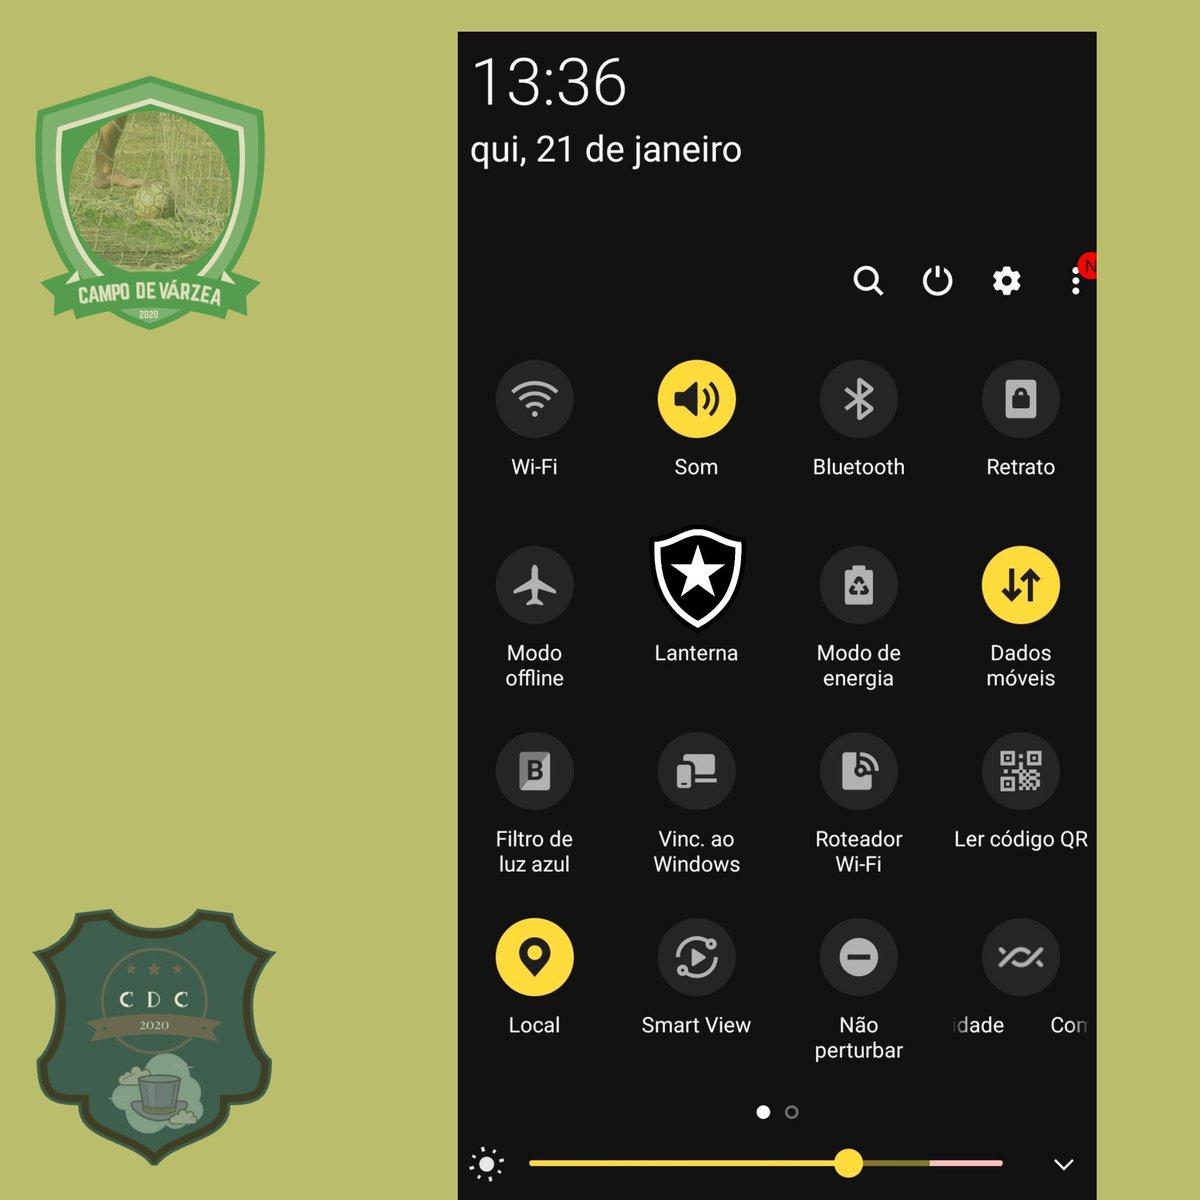 E apareceu uma atualização nova na laucher dos celulares. #Botafogo #SamsungUnpacked #GalaxyS21 #FLAxPAL